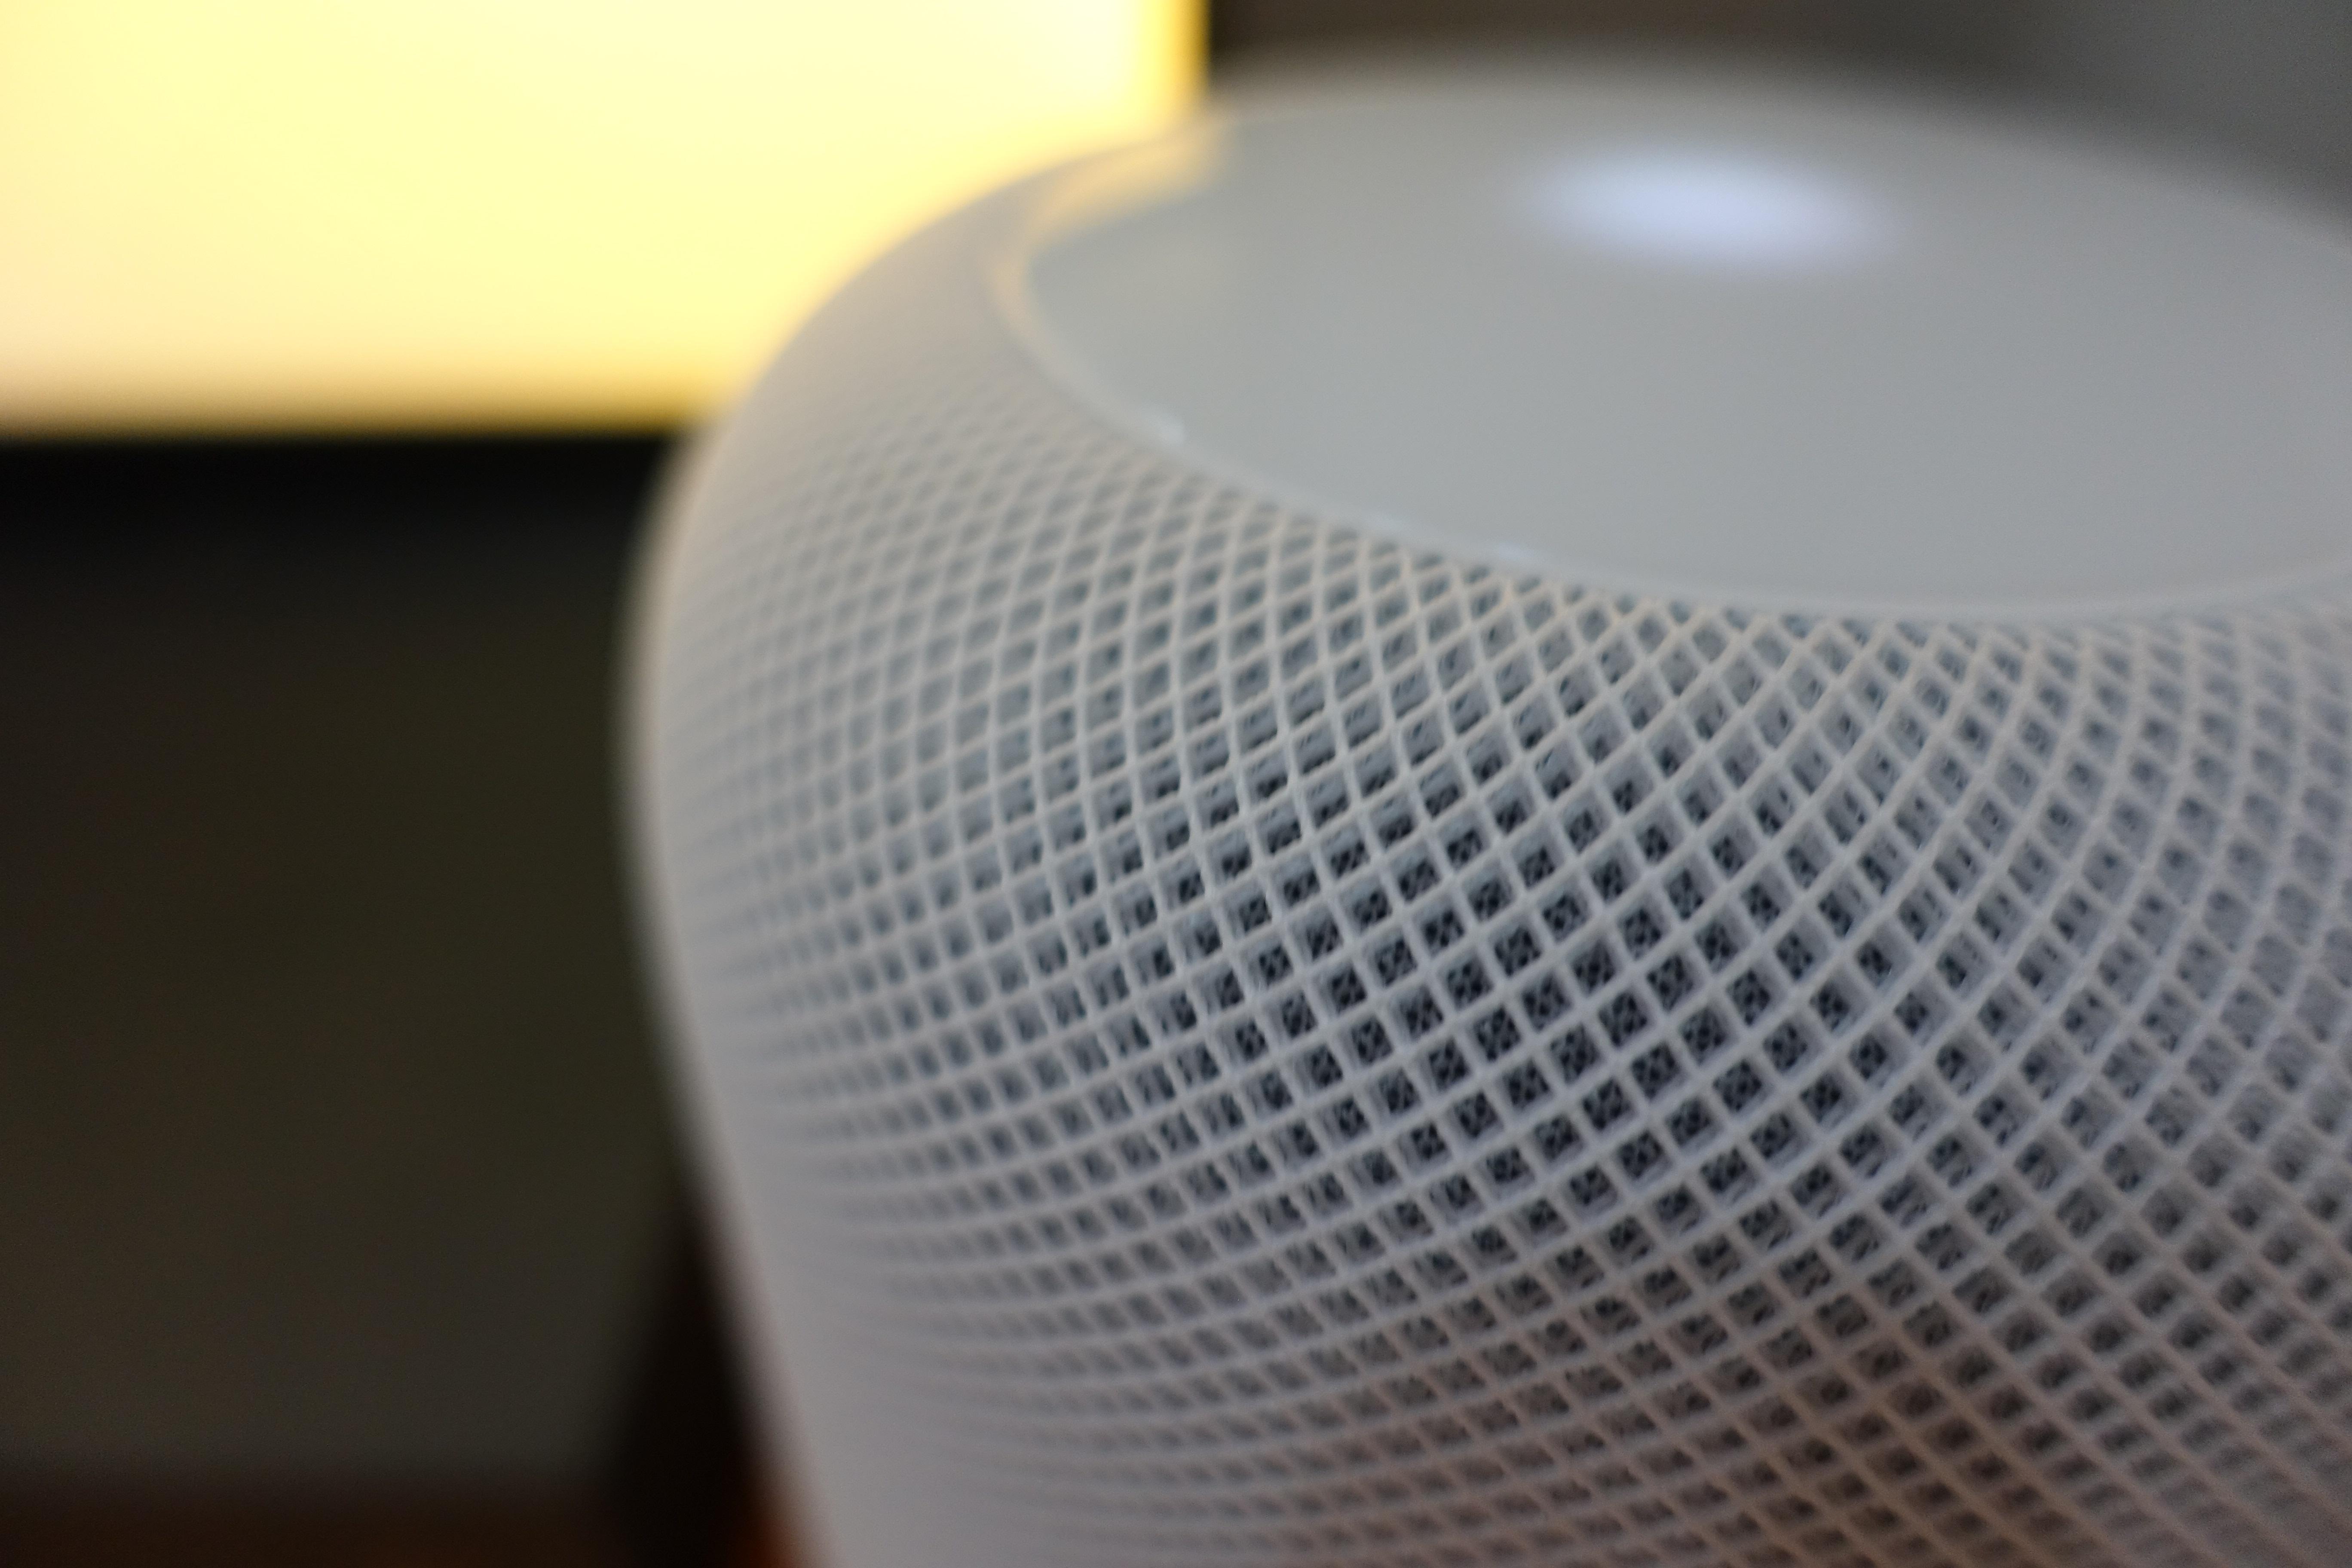 Materialet og måten det er formet på skal Apple liksom ha forsket på lenge og vurdert frem og tilbake. Det kan godt hende, for dette høres bra ut.